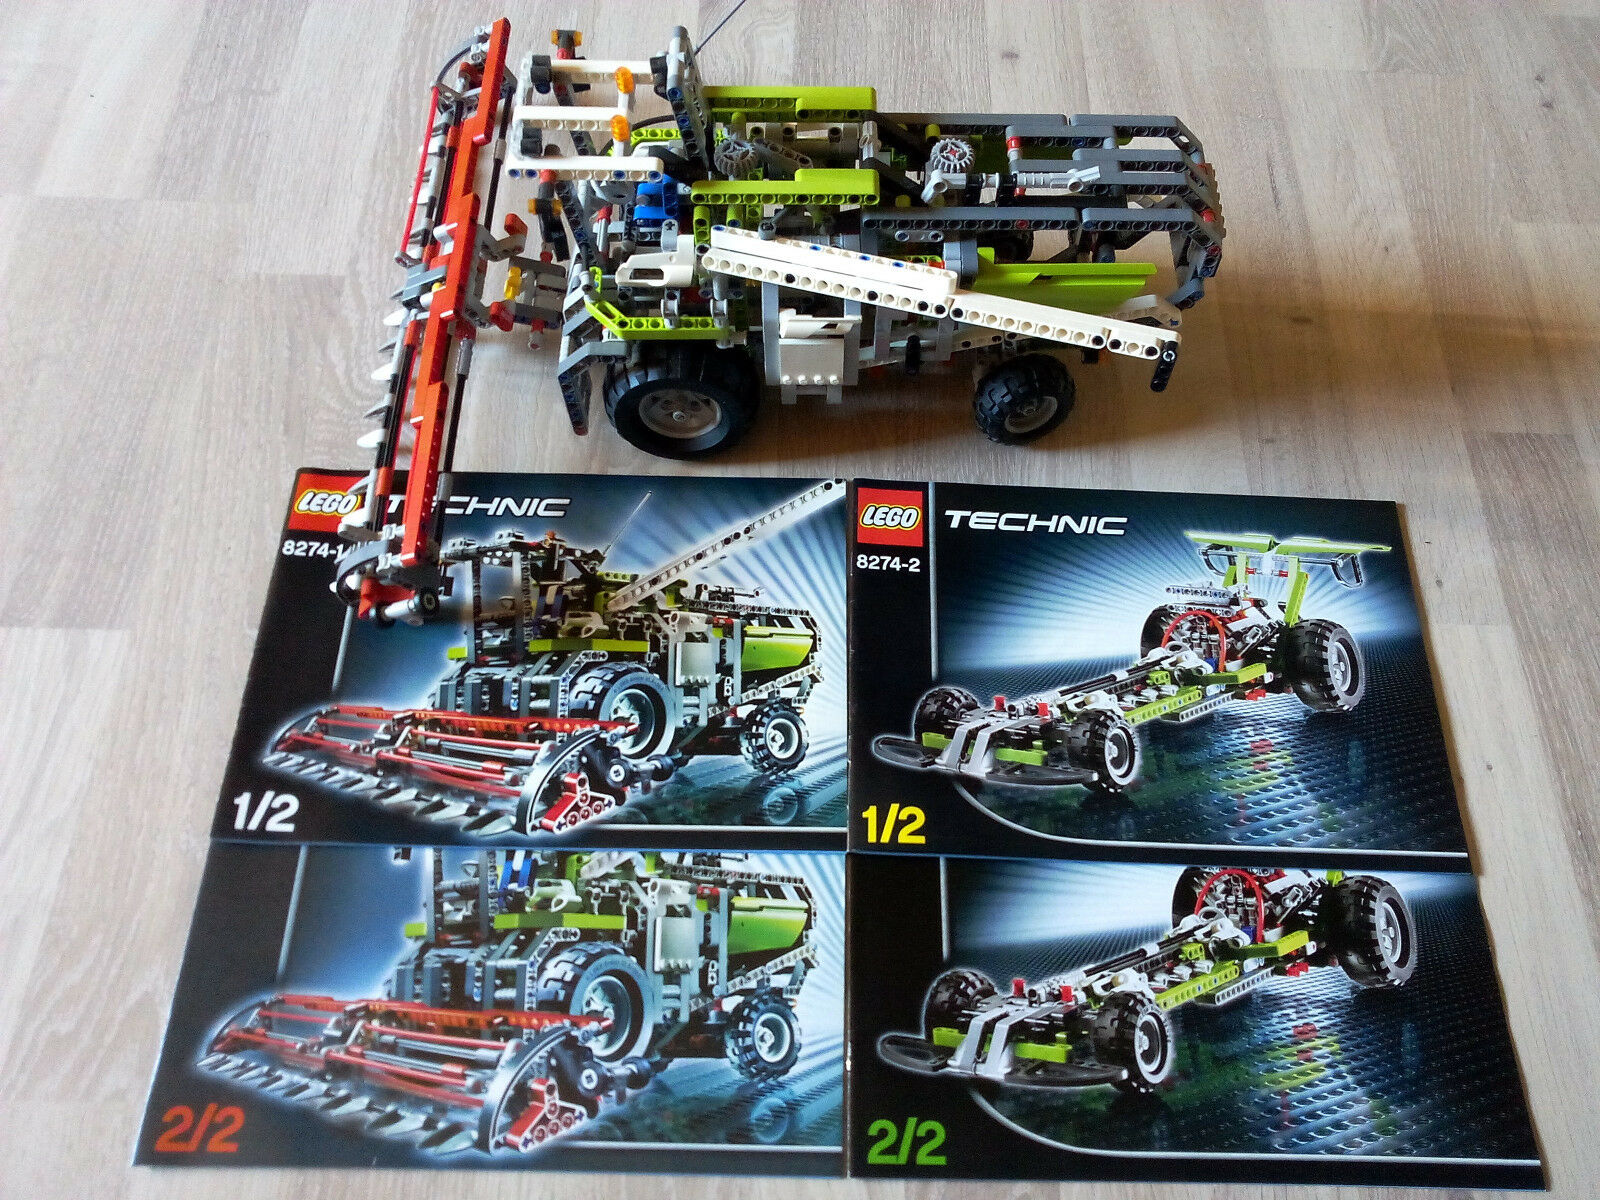 Lego Technic Technik 8274 Combine Harvester   GUTER ZUSTAND - RARITÄT